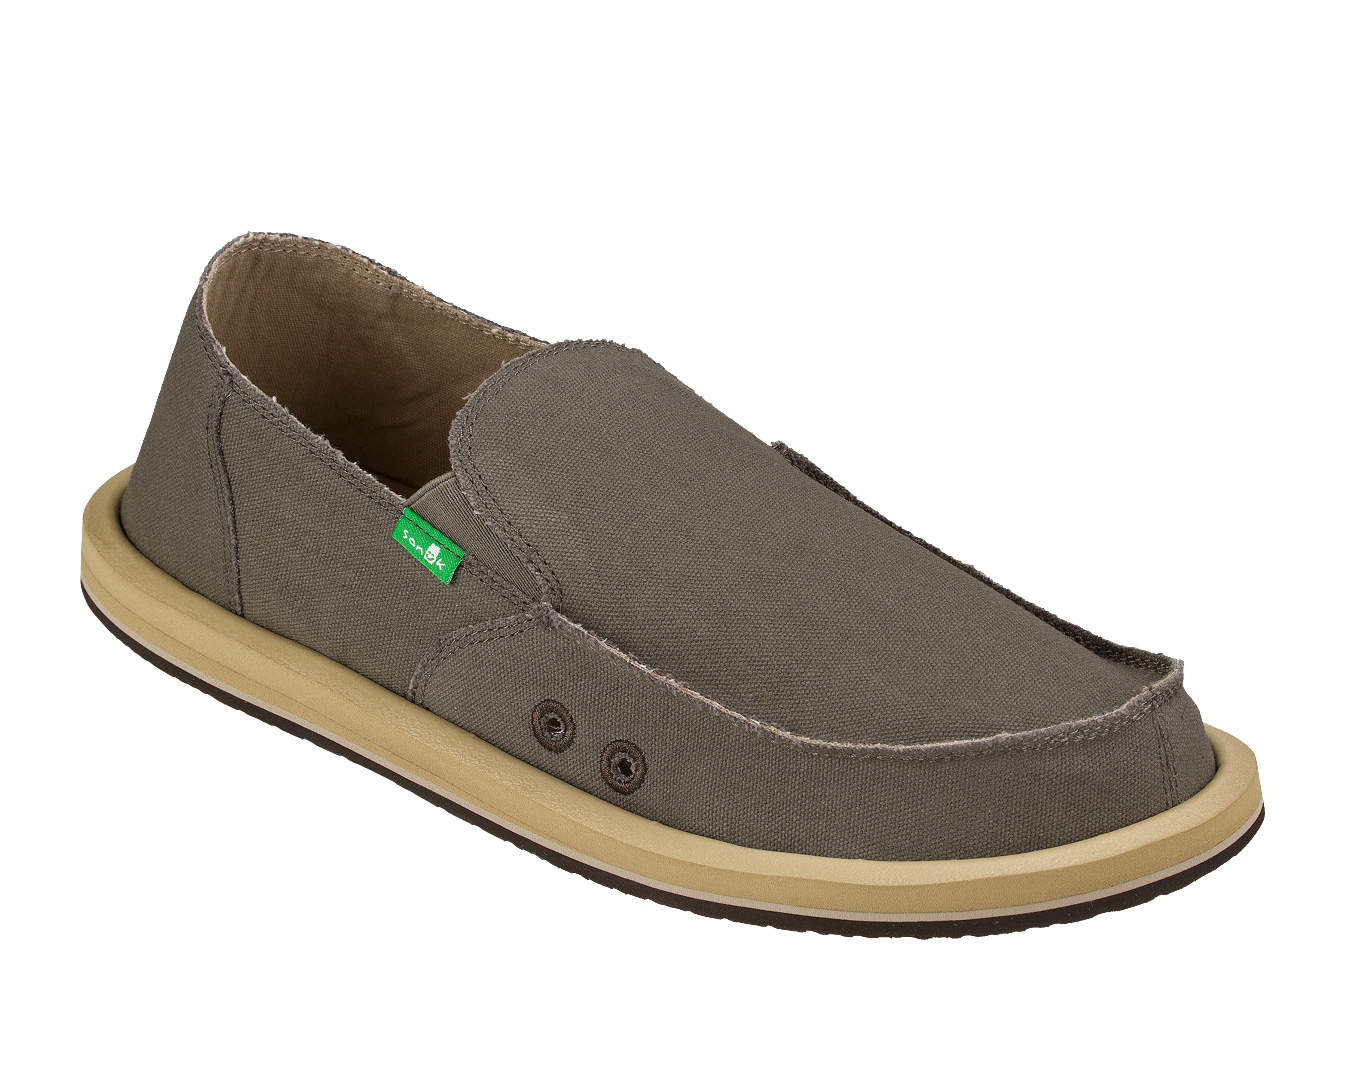 Sanuk-Sandales-Vagabond-Ete-Chaussures-a-Enfiler-Cote-Marche